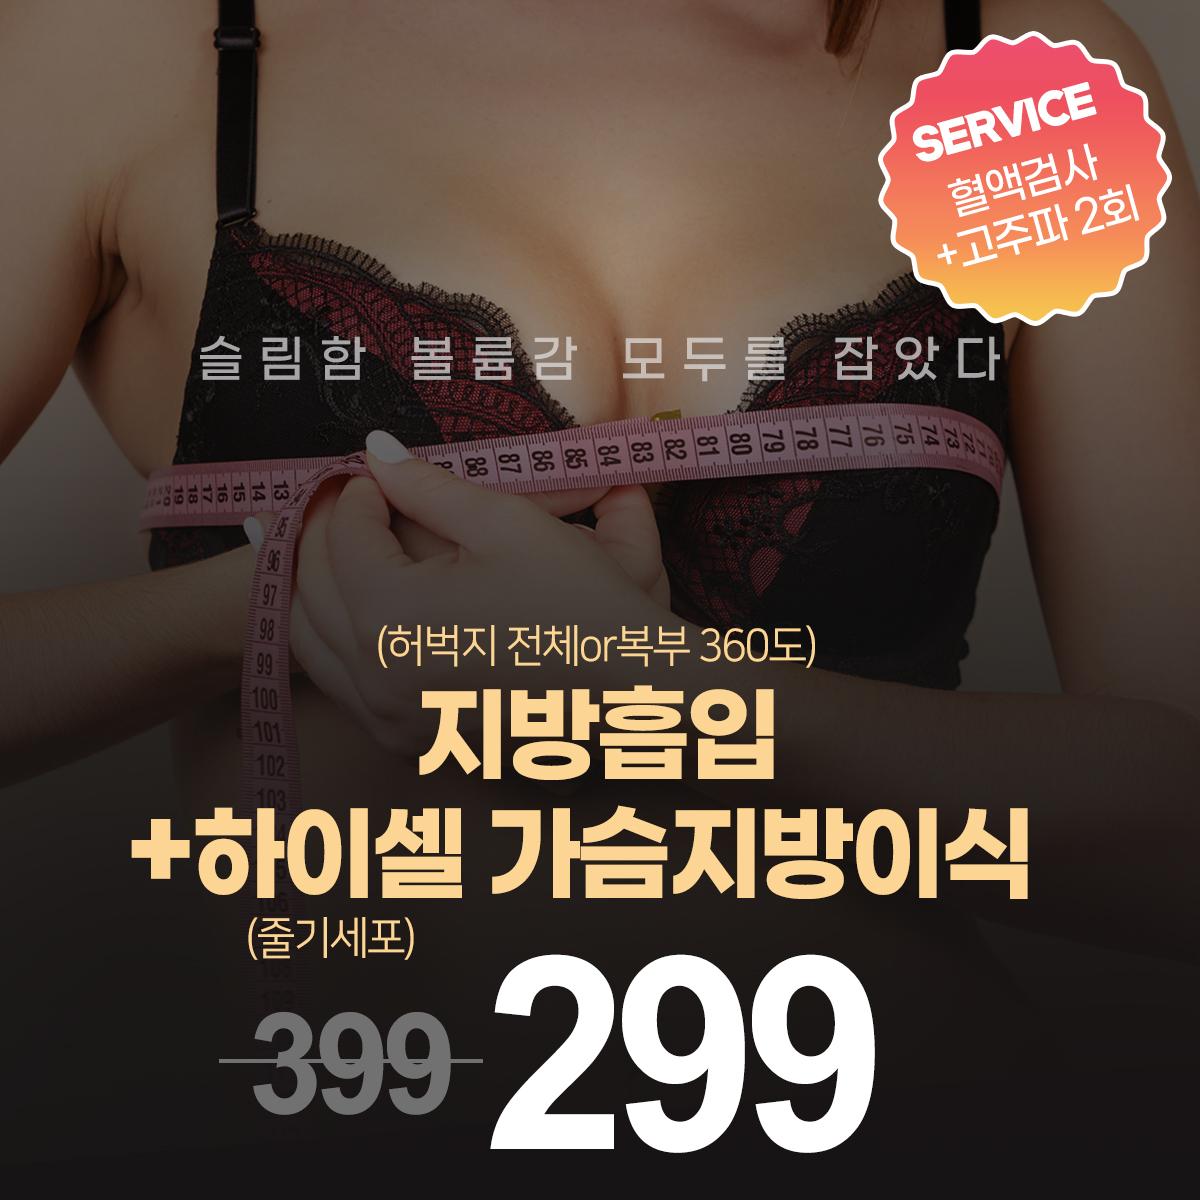 B5521eeea98cb458550febf695a64d8a